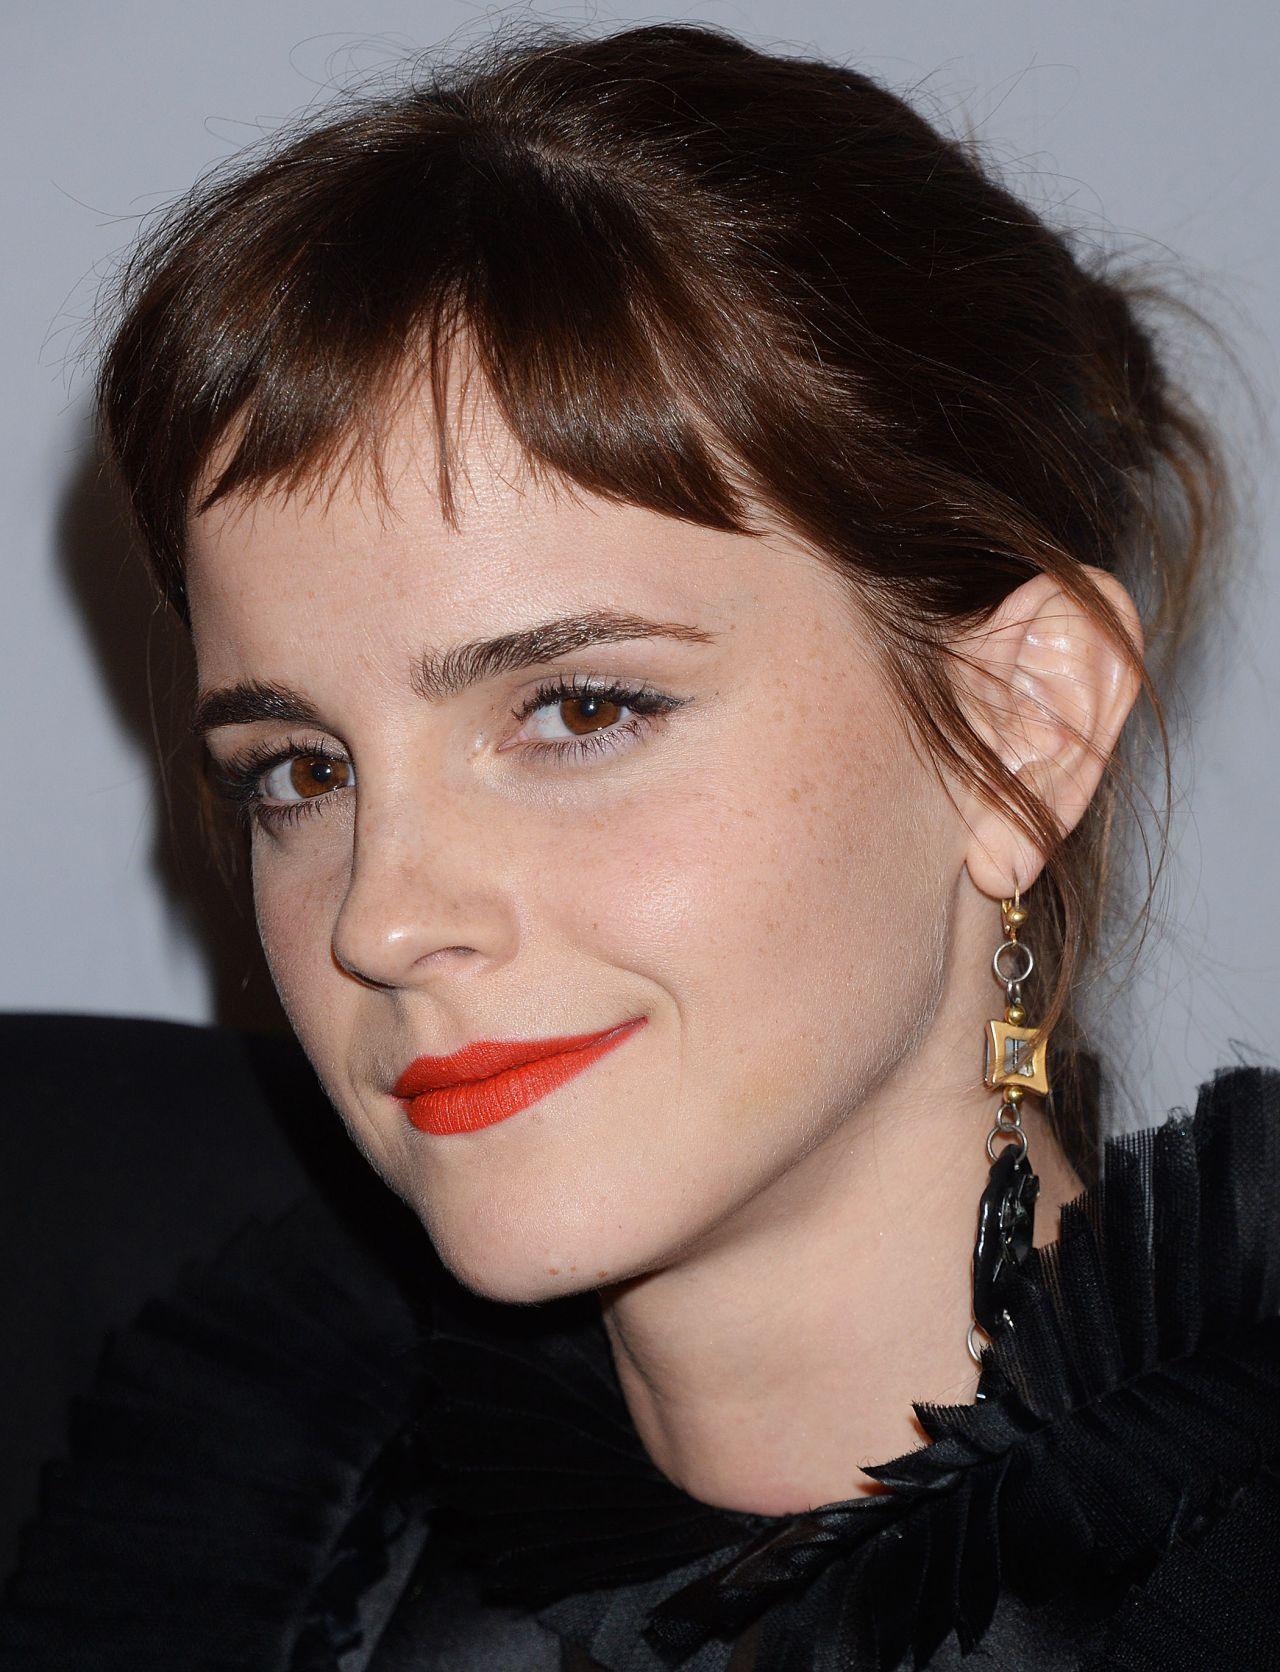 Emma Watson Latest Photos - CelebMafia Emma Watson